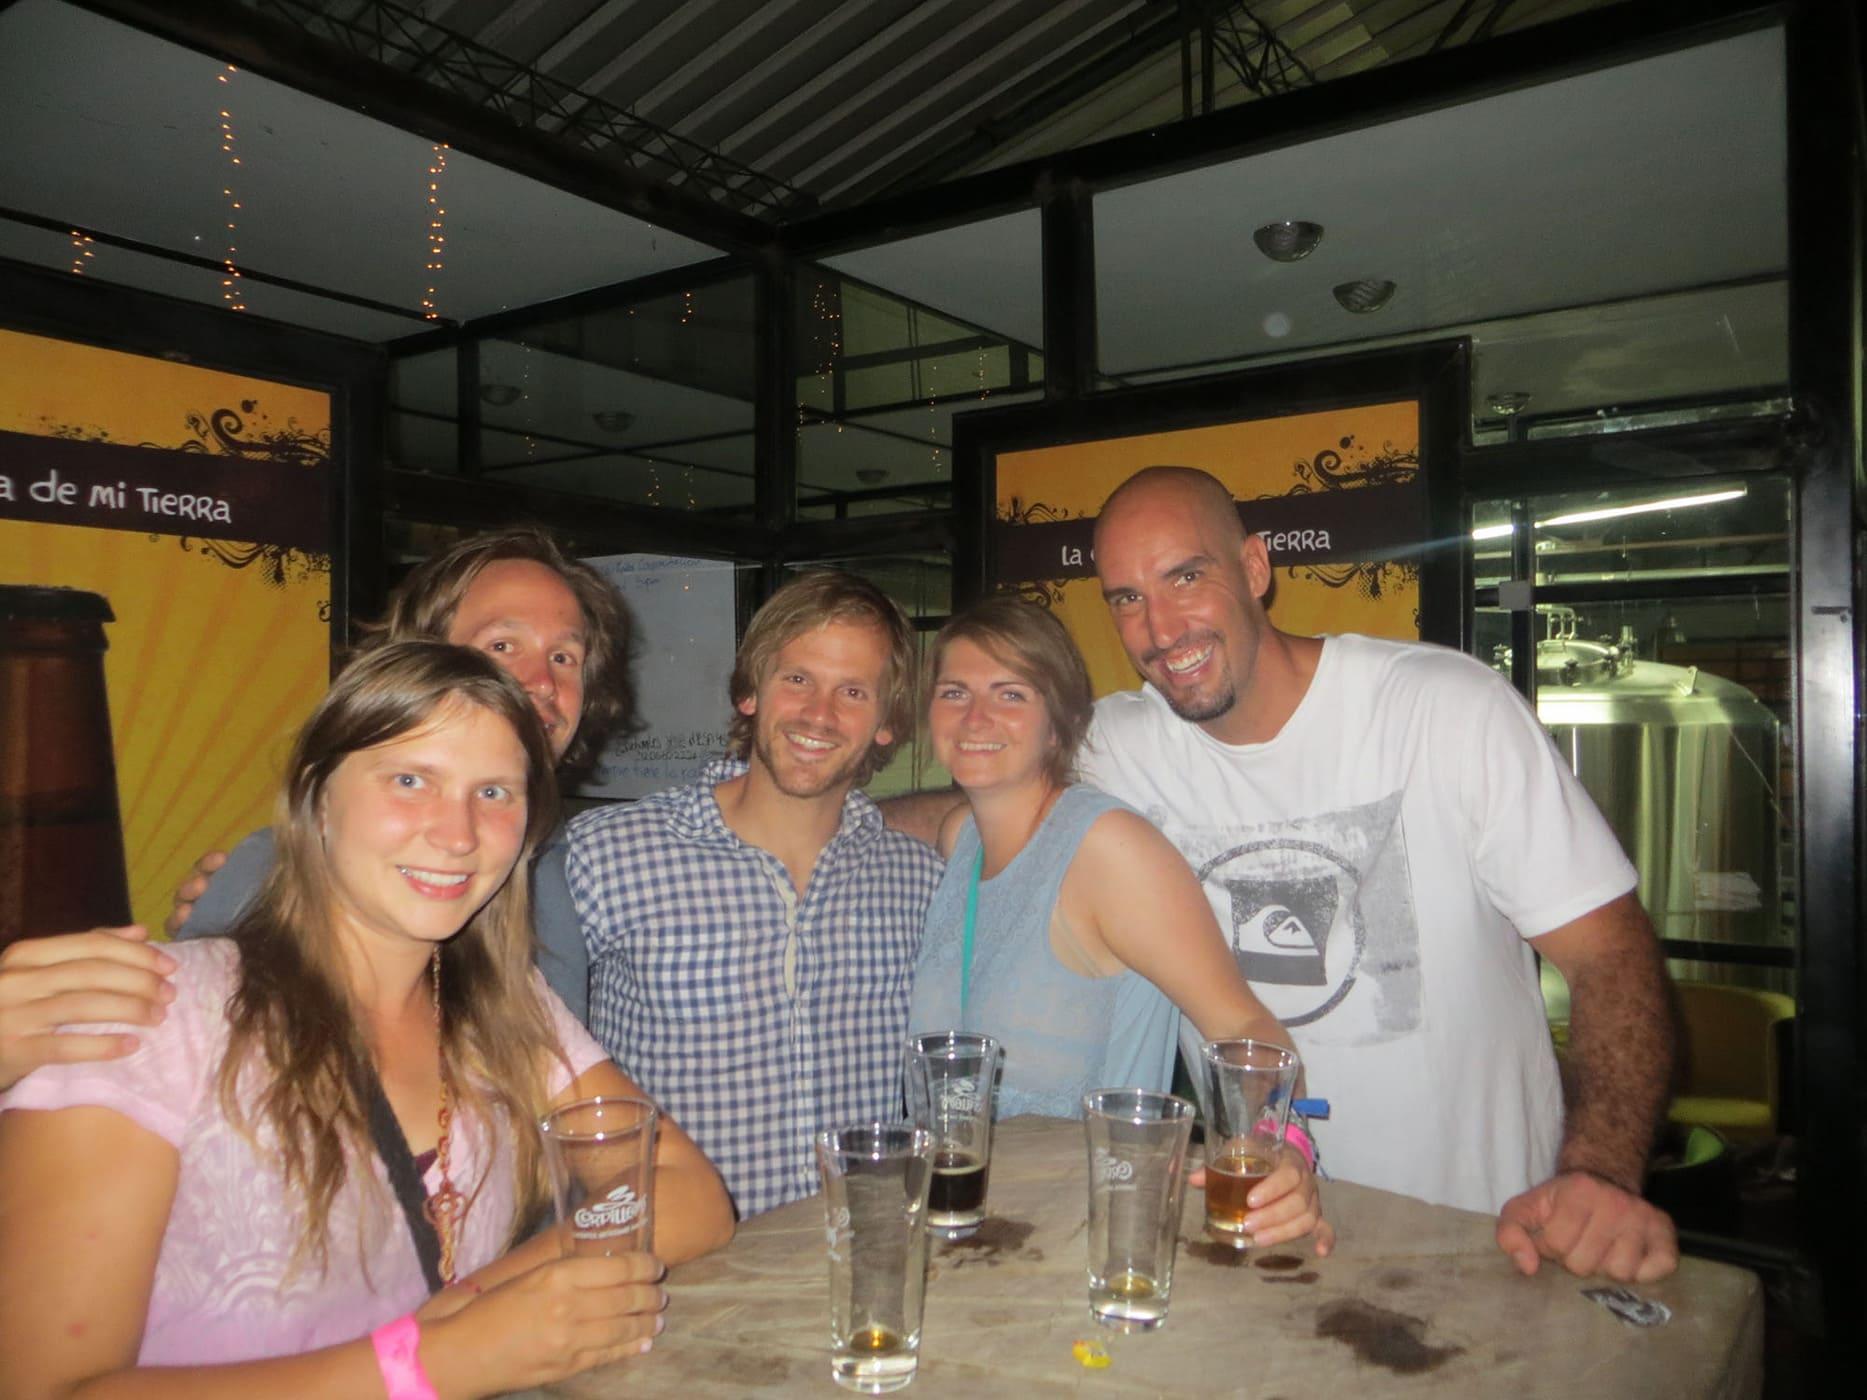 3 Cordilleras Brewery in Medellin, Colombia